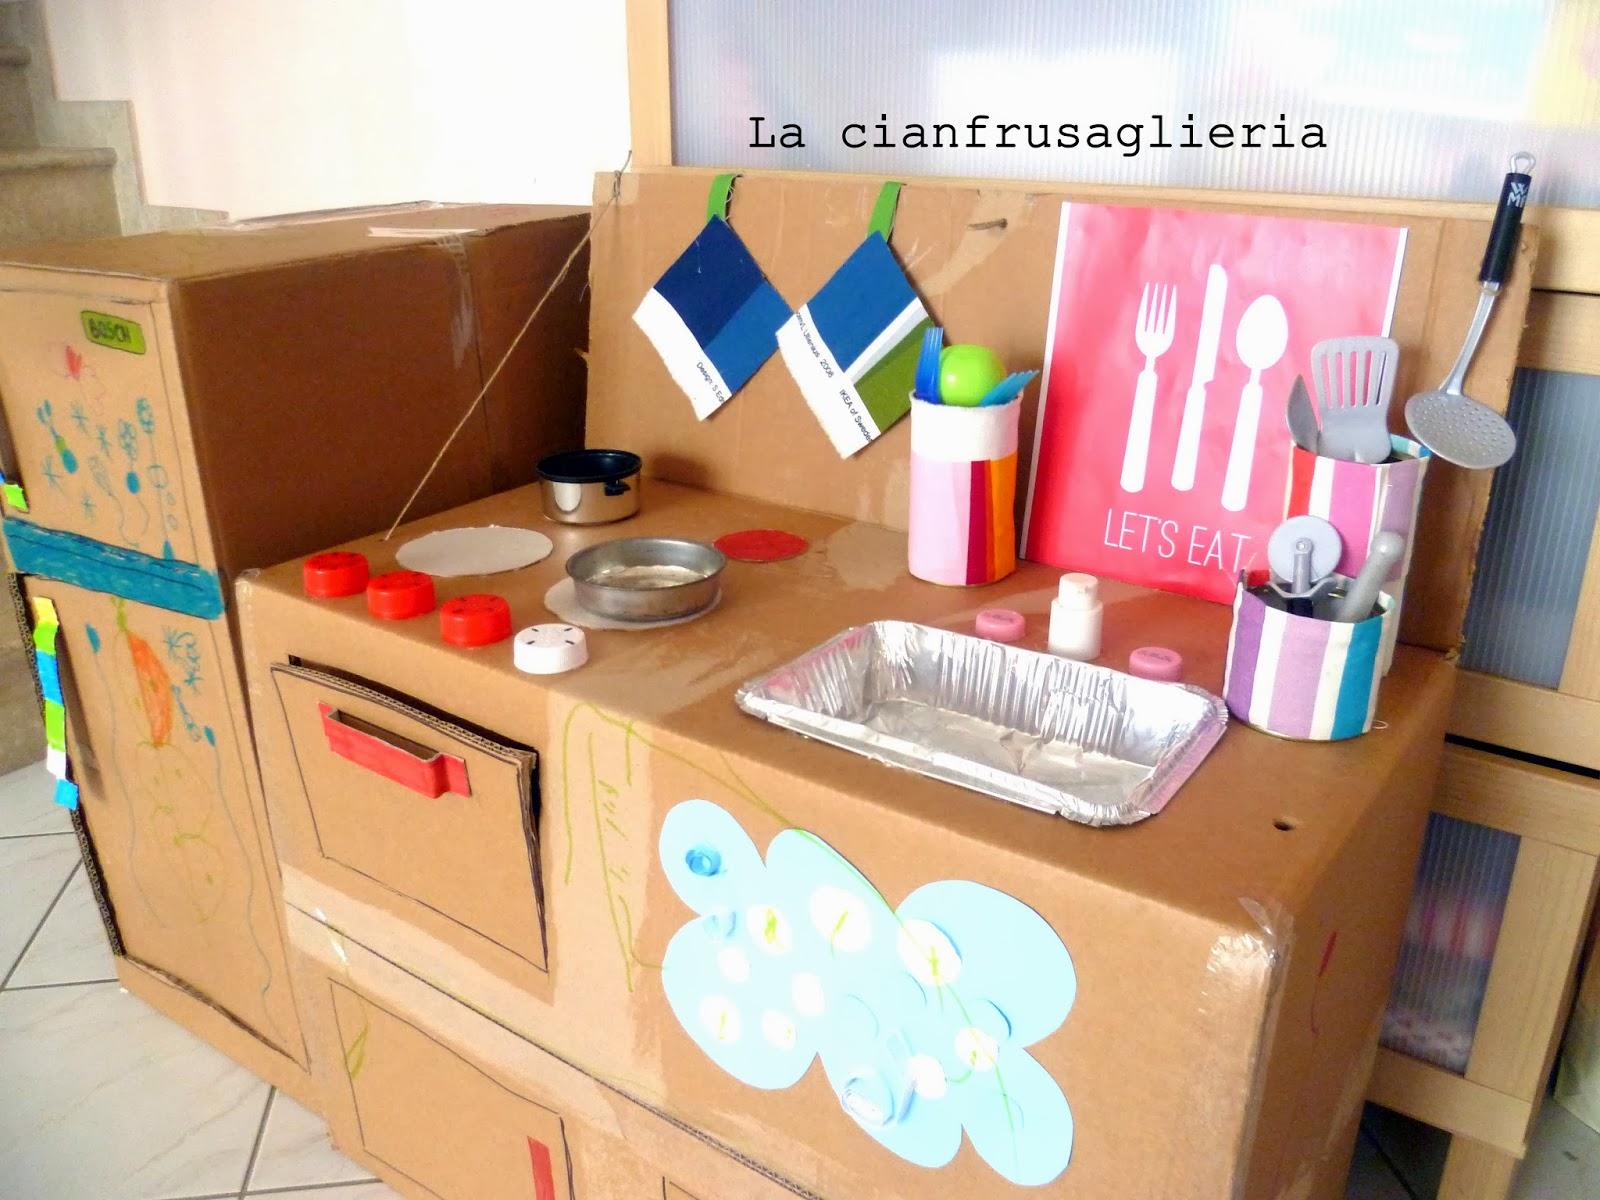 Come fare una cucina in cartone tutorial in italiano - Idee per costruire una casa ...